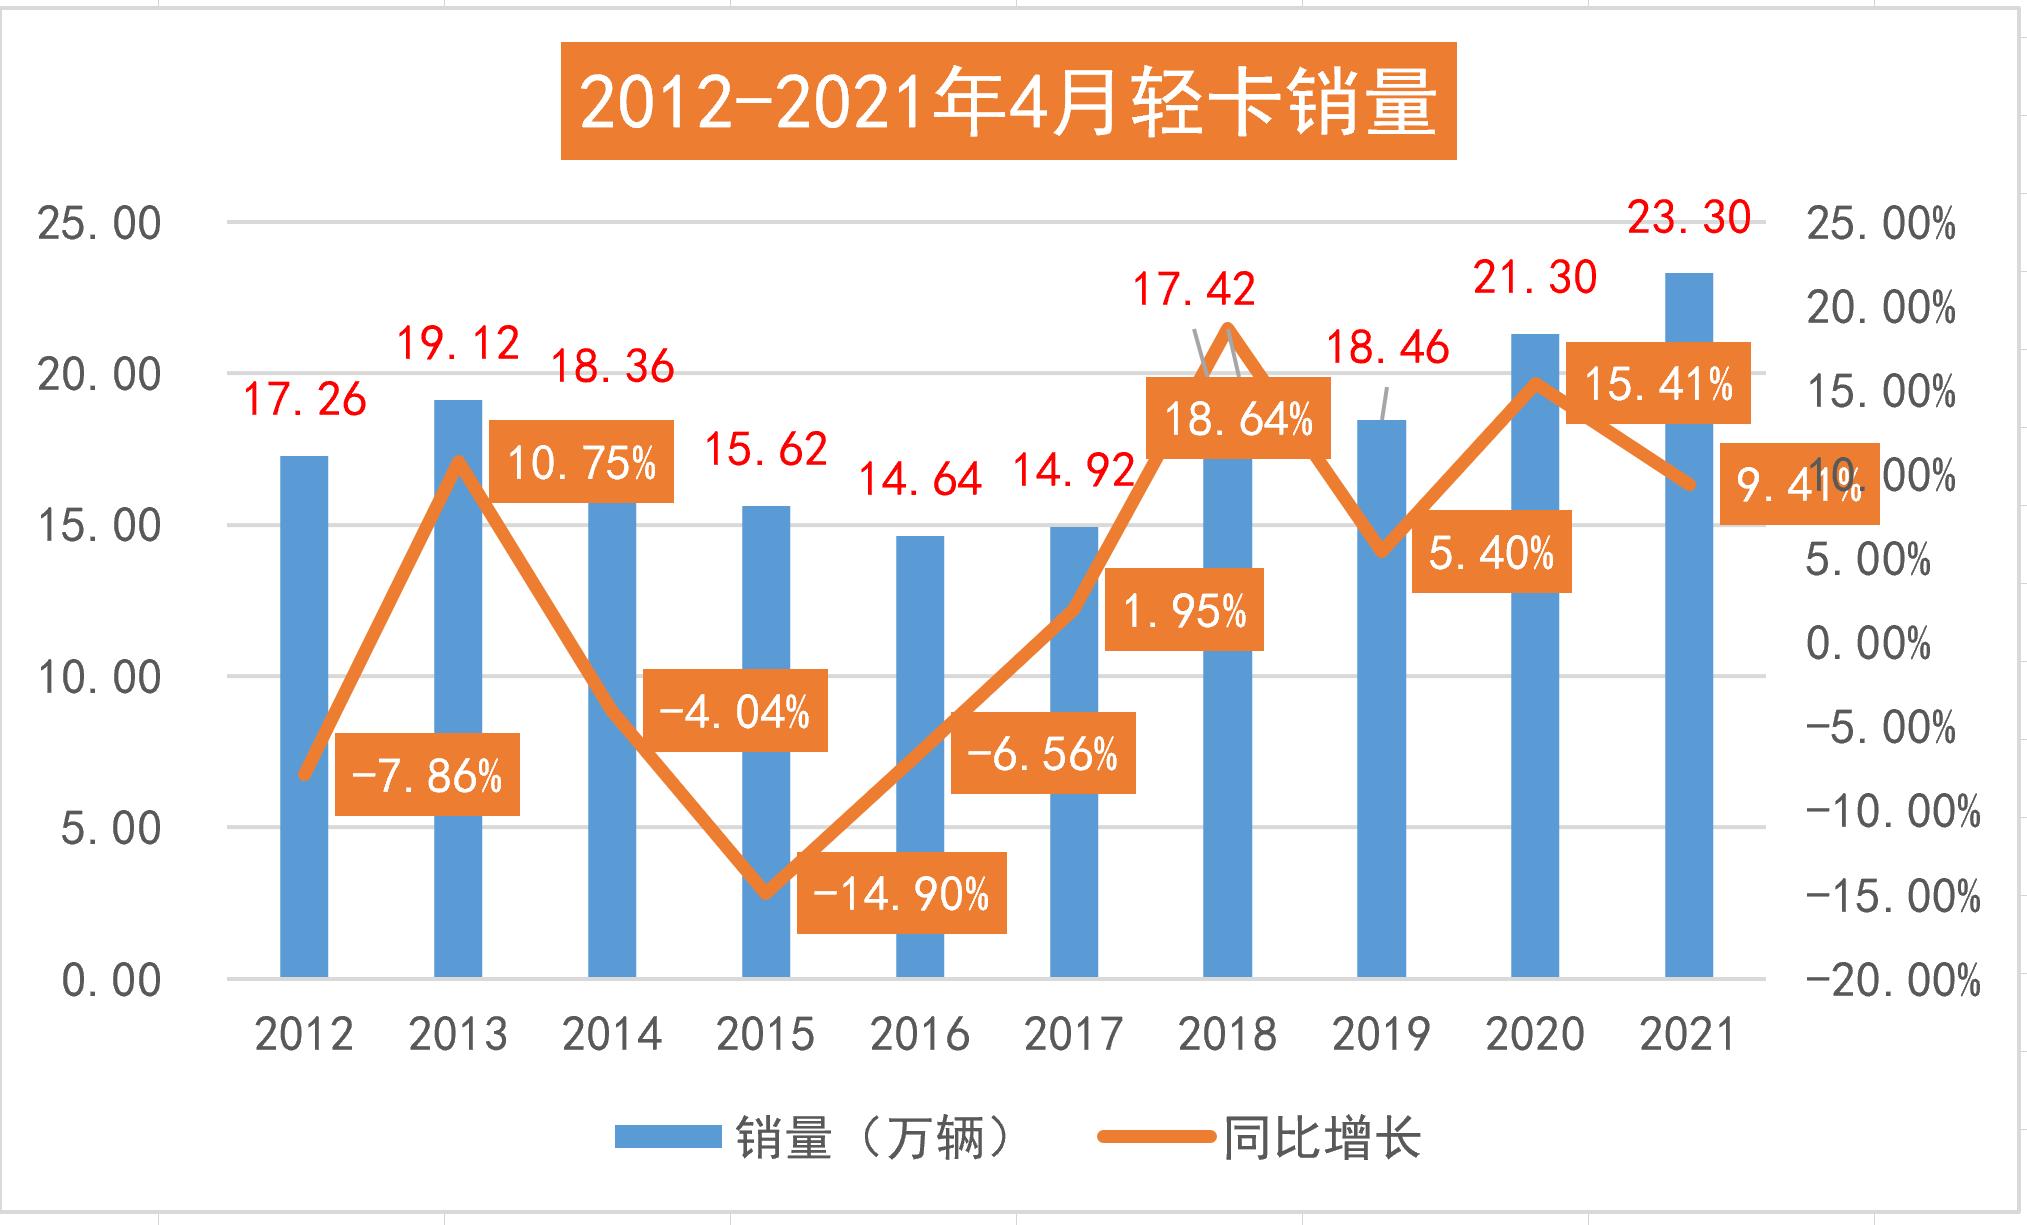 2012-2021年4月轻卡销量